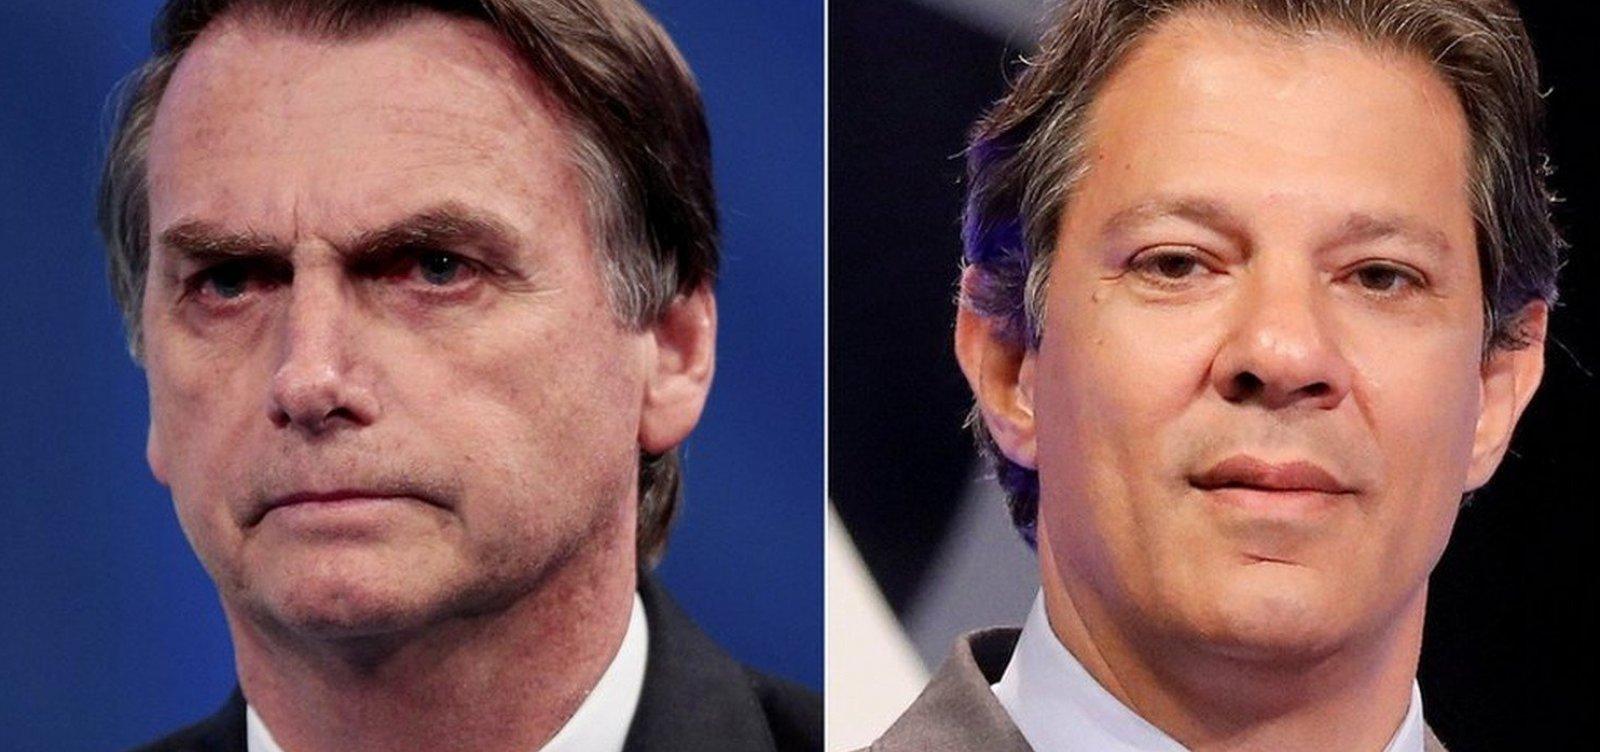 Datafolha divulga hoje primeira pesquisa presidencial do 2º turno